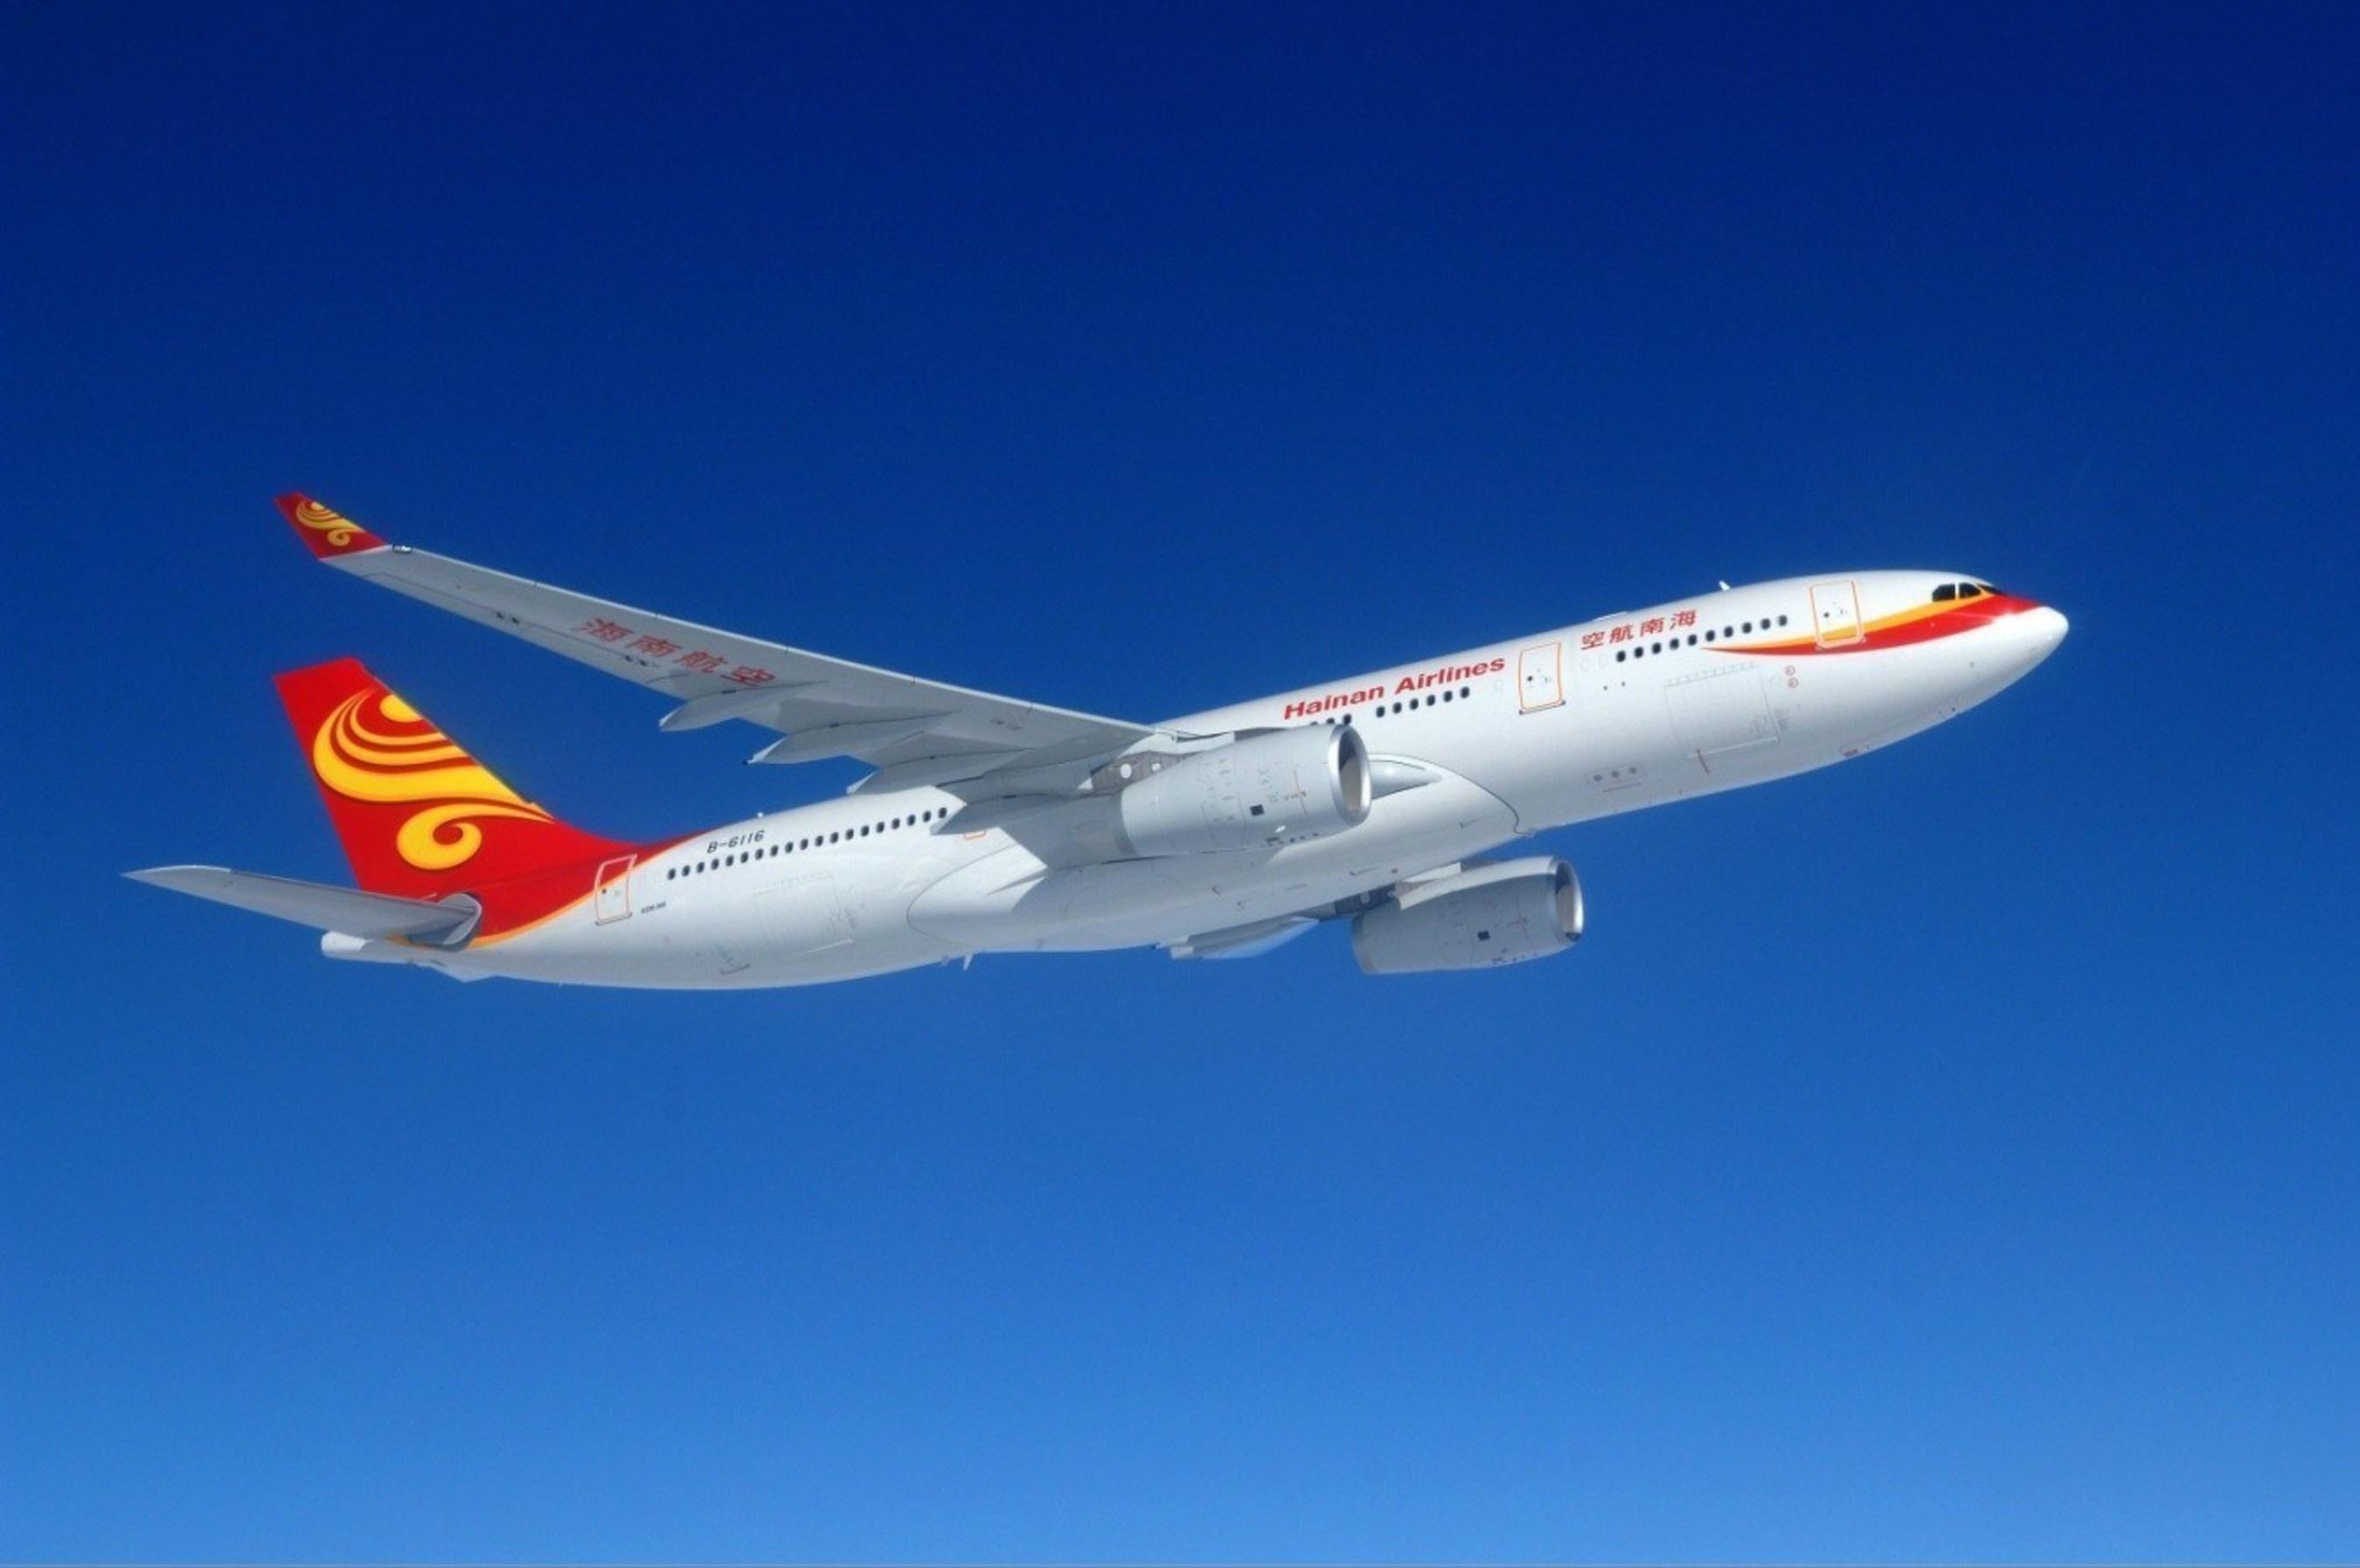 Hainan Airlines führt am 9. Dezember 2015 neue Flugroute zwischen Xi'an (China) und Rom ein